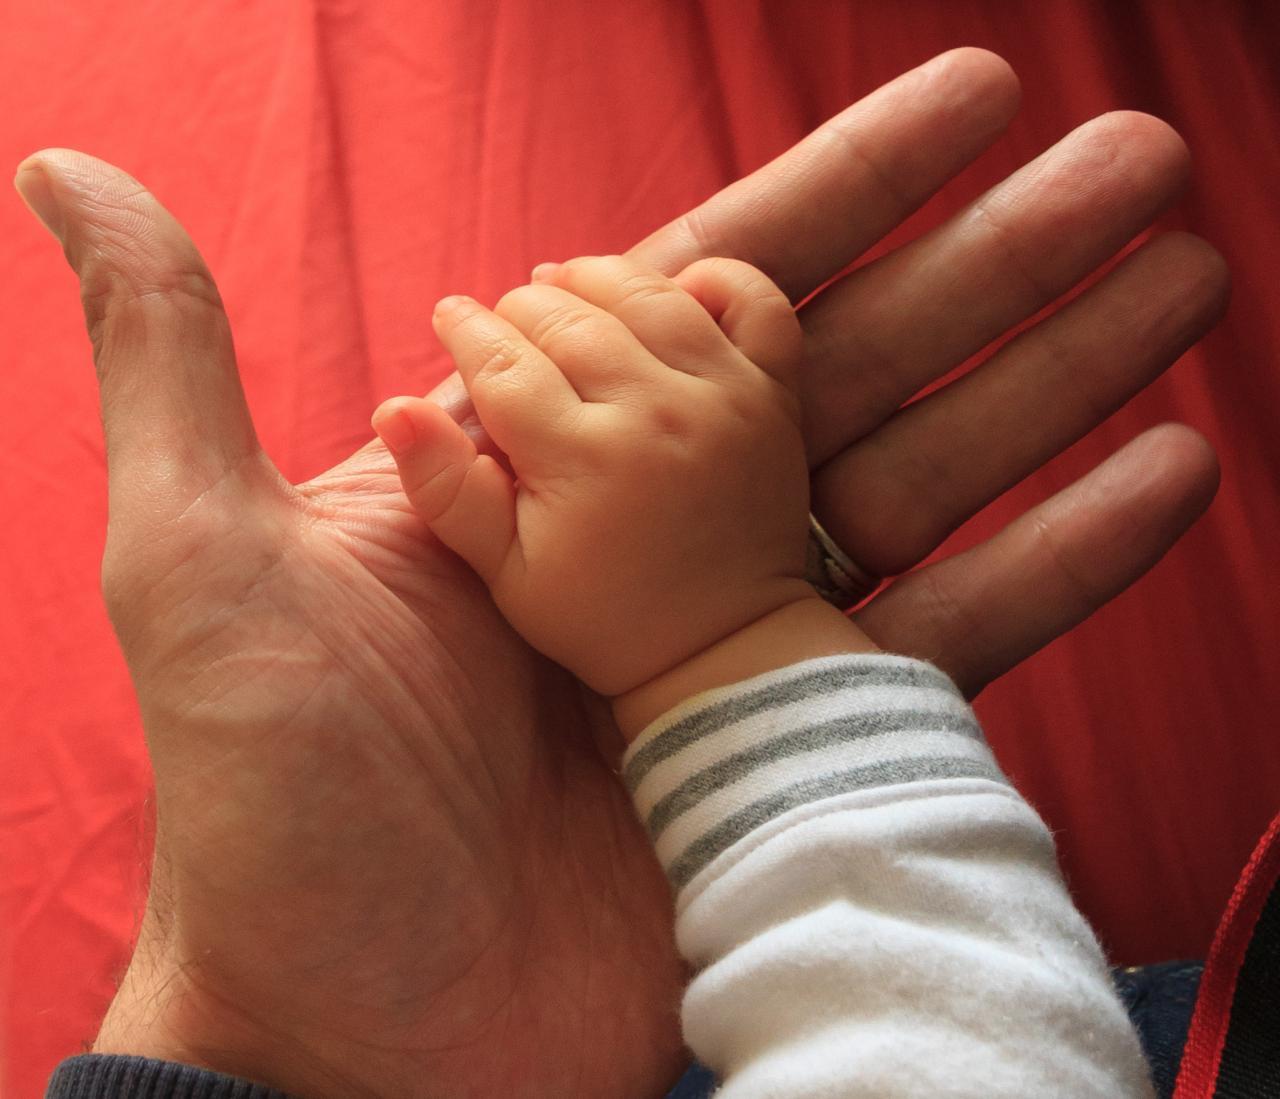 صورة اجمل ما قيل عن حب الابناء , ابنائي واجمل الكلمات عنهم